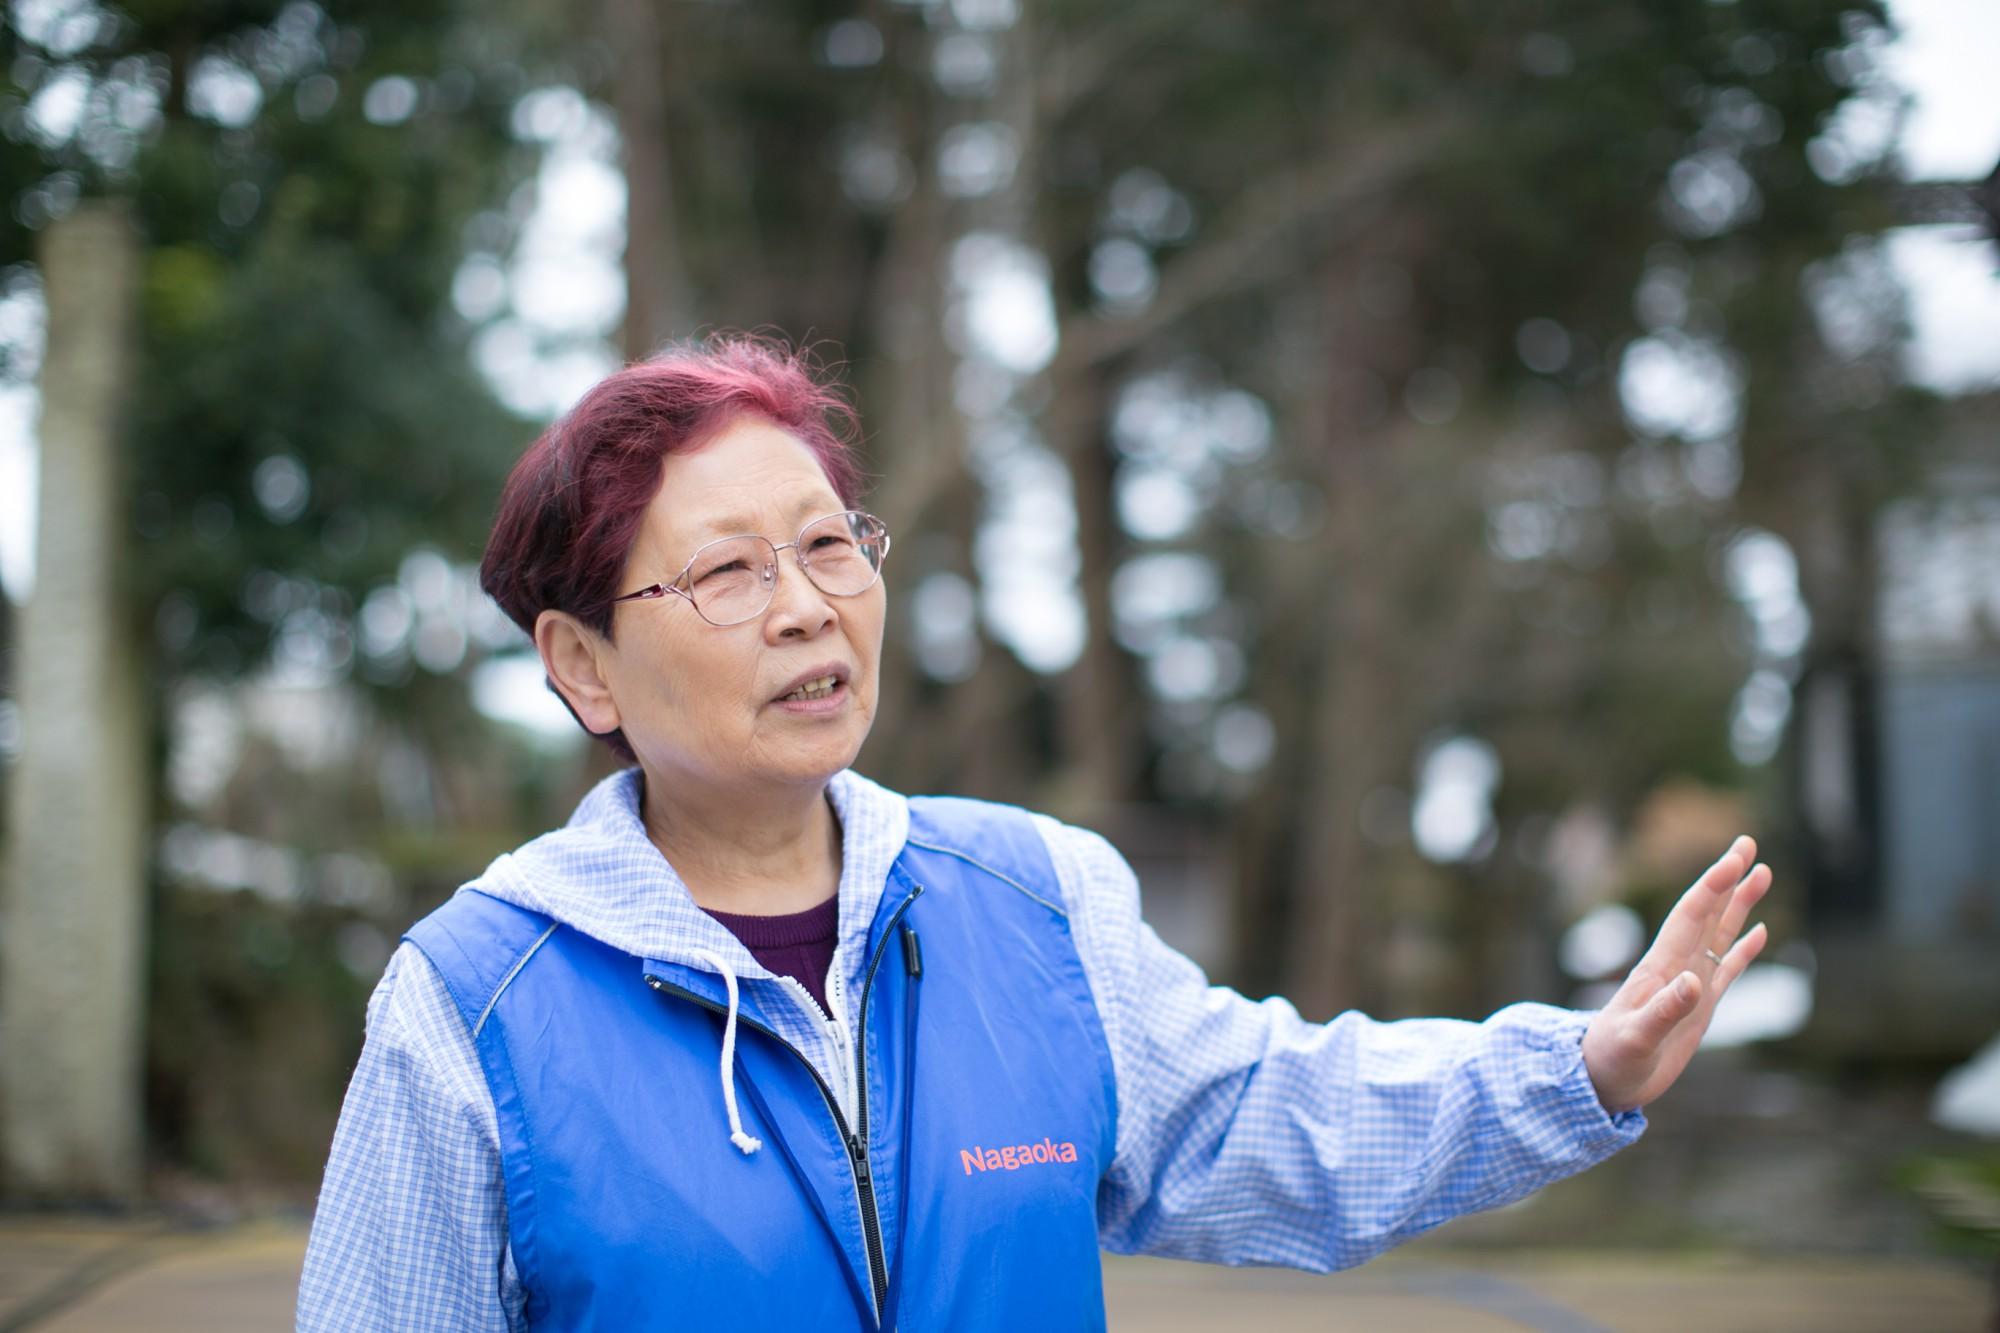 ここが地元という、「長岡観光ボランティアガイドの会」の服部紗智さん。臨場感たっぷりの説明に耳を傾けながら町を歩くと、歴史や文化への理解が深まり、摂田屋がぐんと身近に。